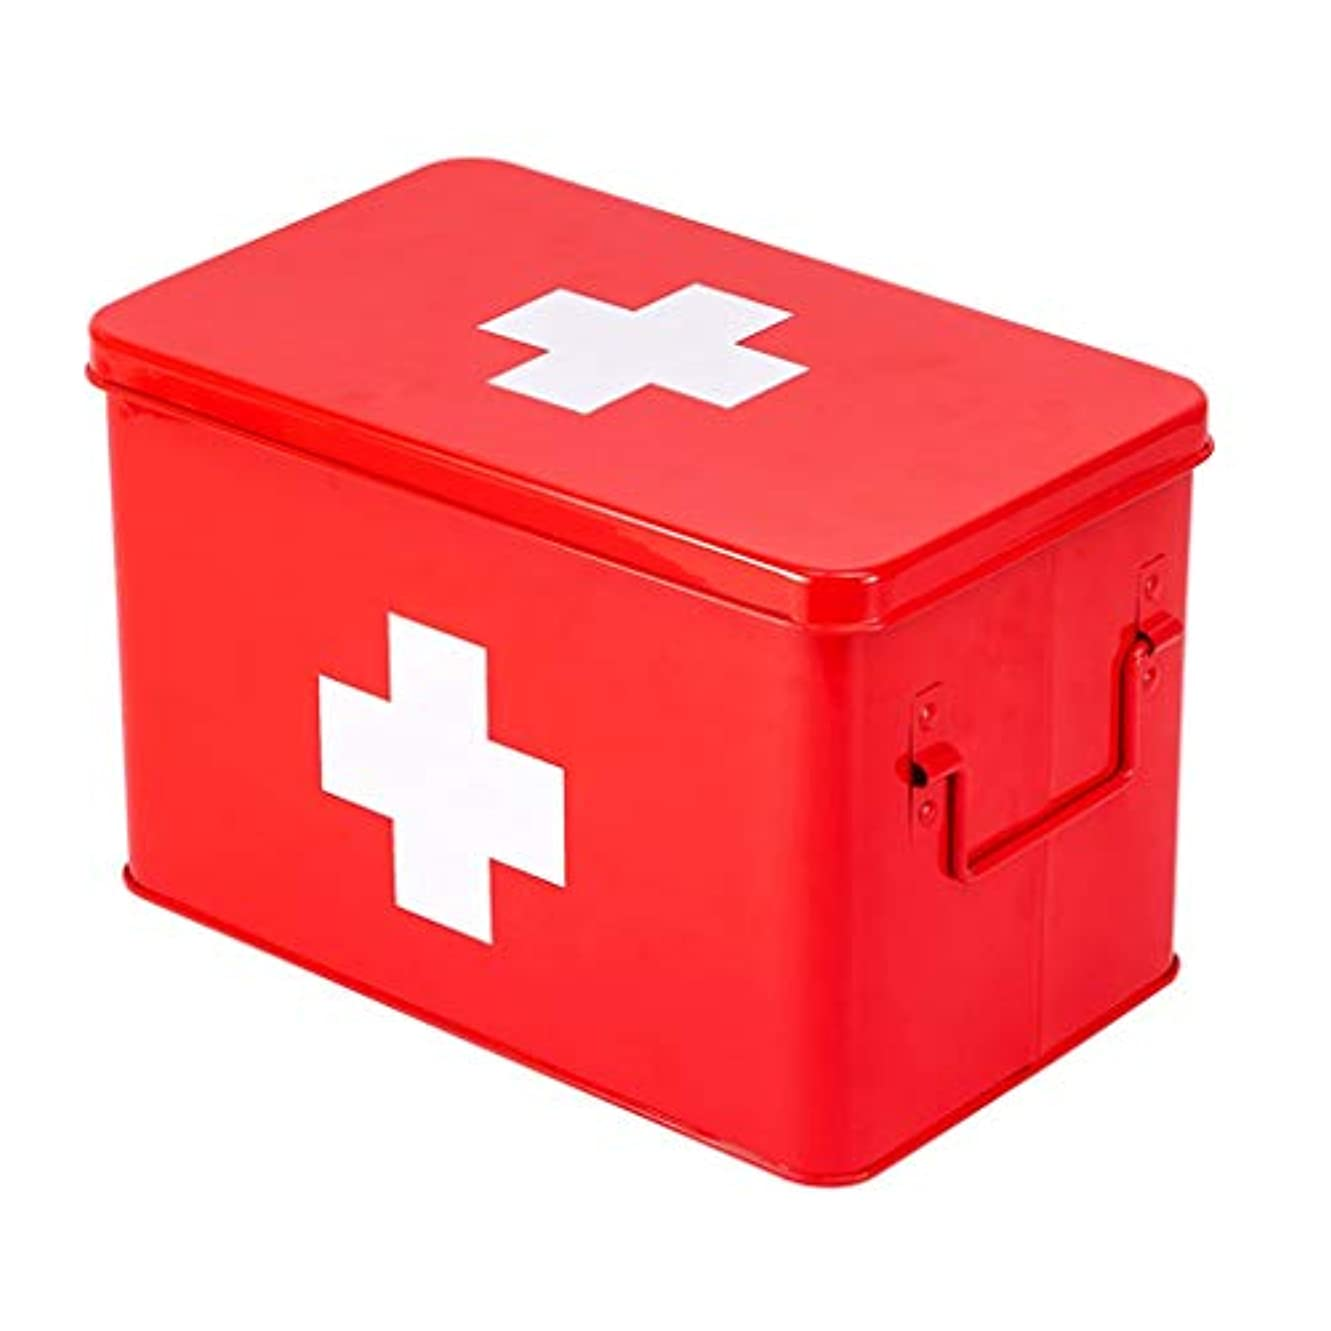 マイルストーンドラマ真っ逆さまNYDZDM 金属薬箱ホーム救急箱、家庭用医療キットスーツケース、子供緊急医療キット (Color : Red)